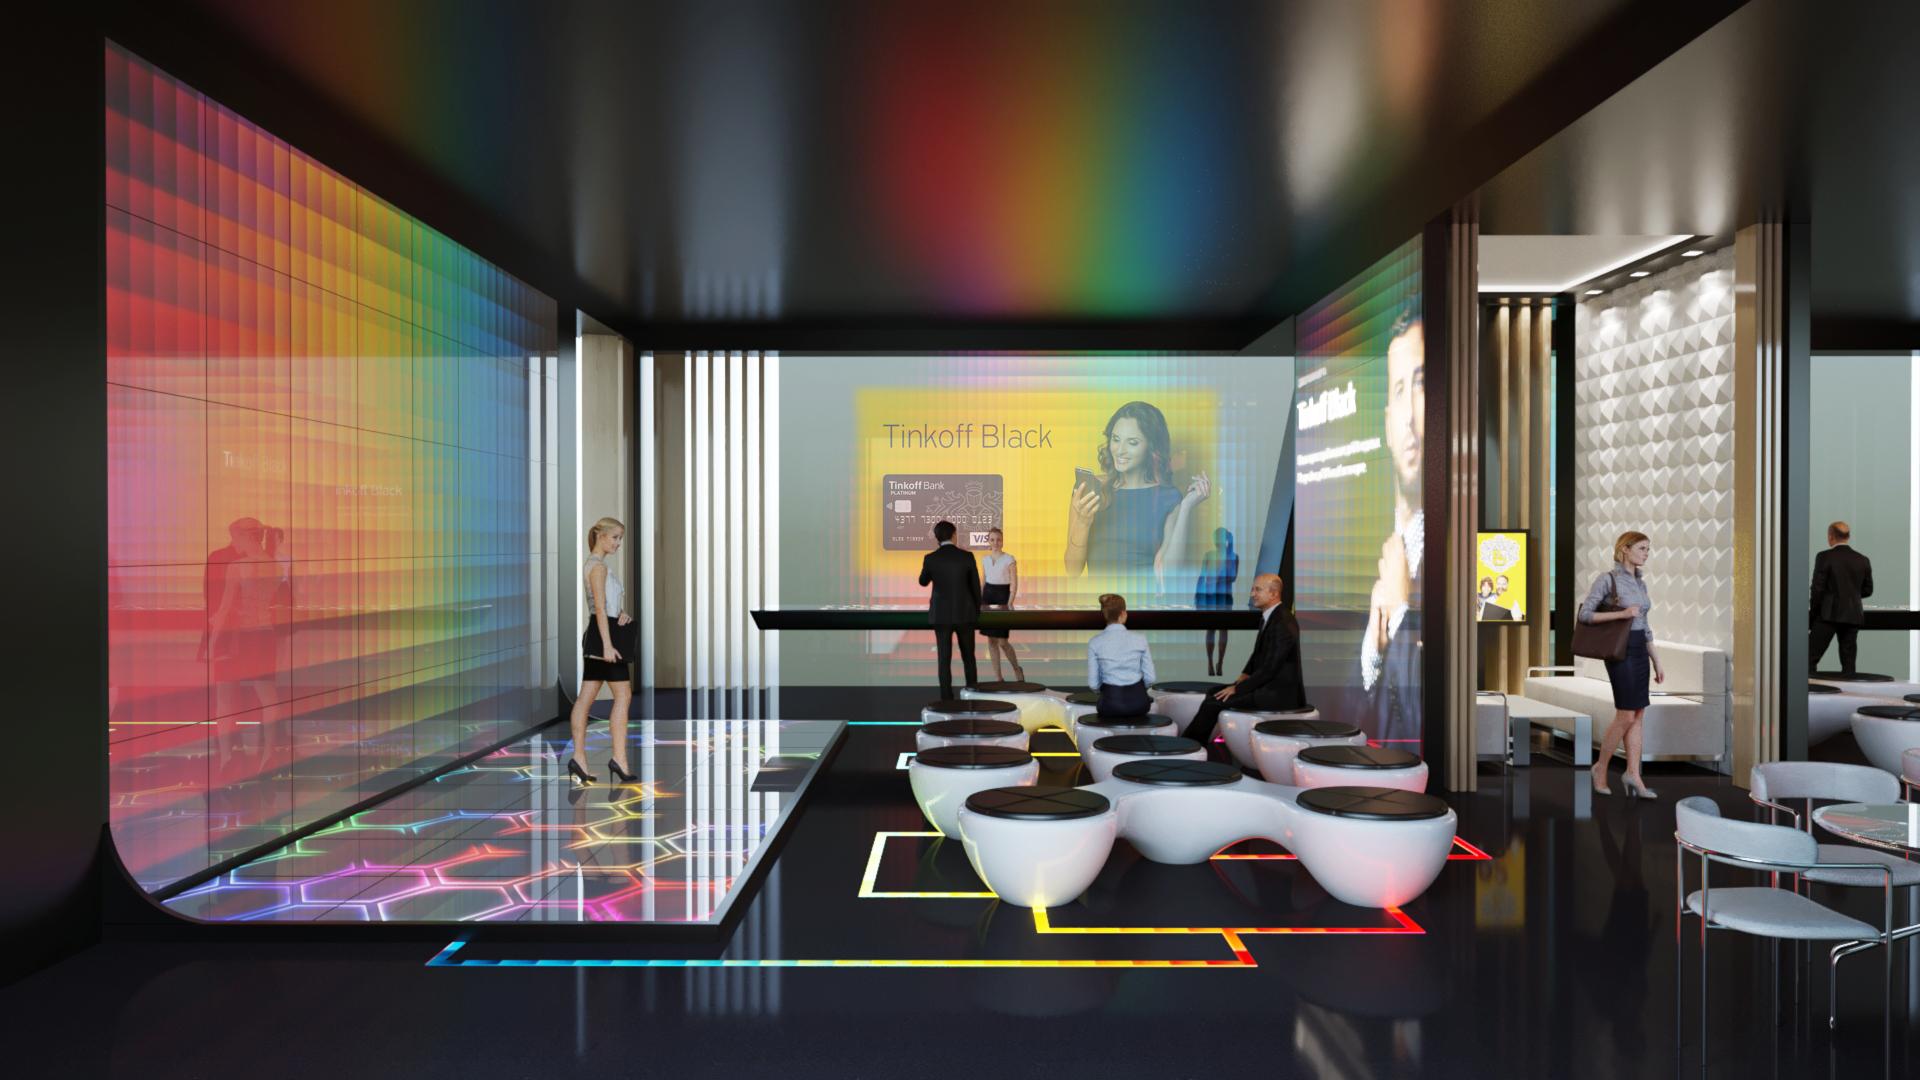 टिंकऑफ़ रेस्तरां कॉन्सेप्ट 3d max corona render में प्रस्तुत छवि